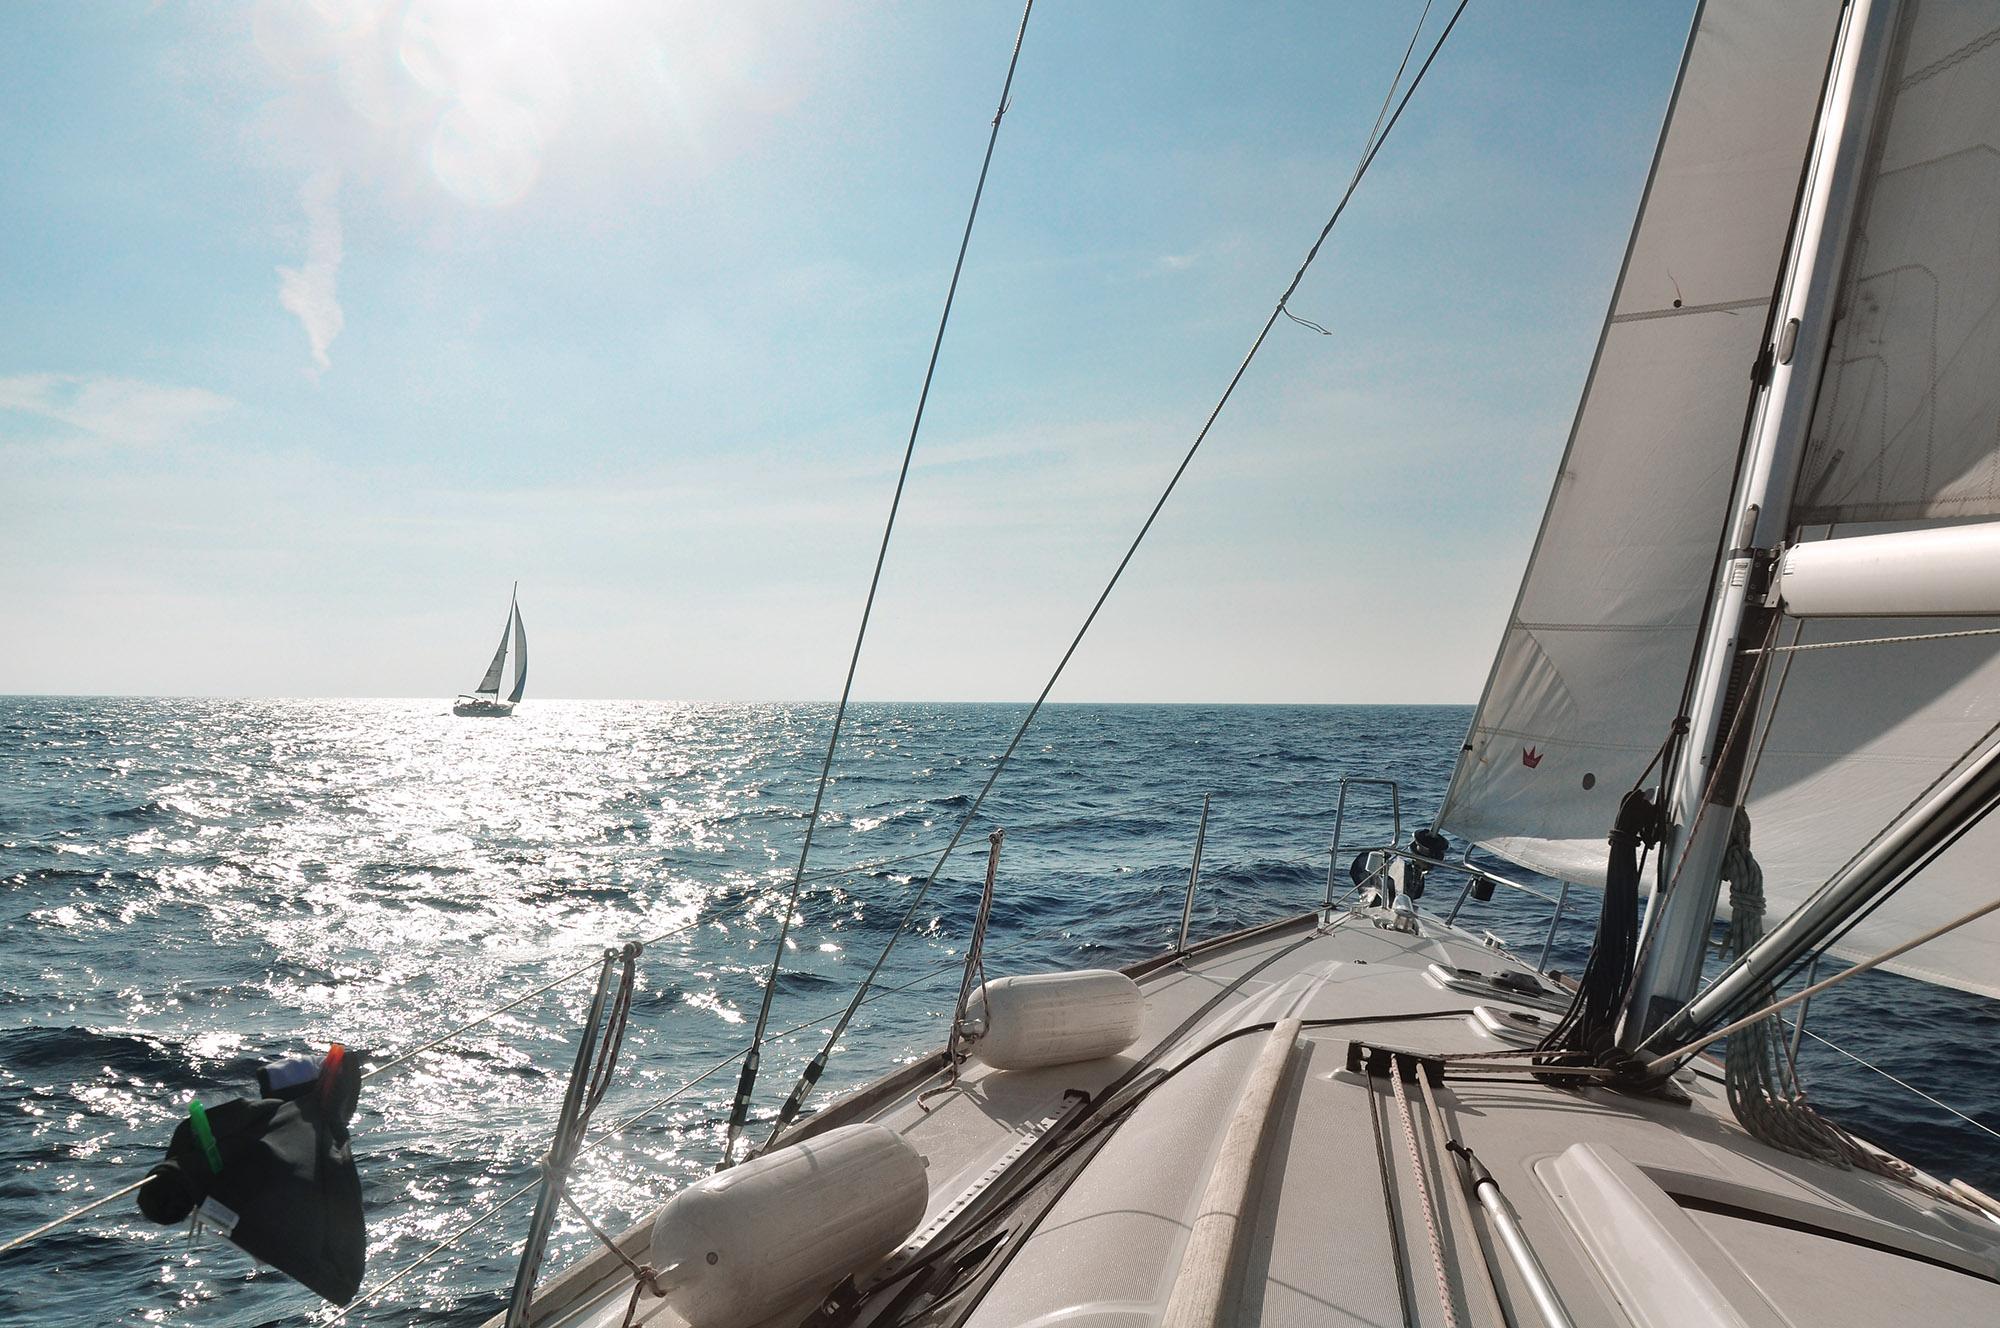 Восени іспанський чартерний флот переходить з середземномор'я на Канари. Там узимку – високий сезон